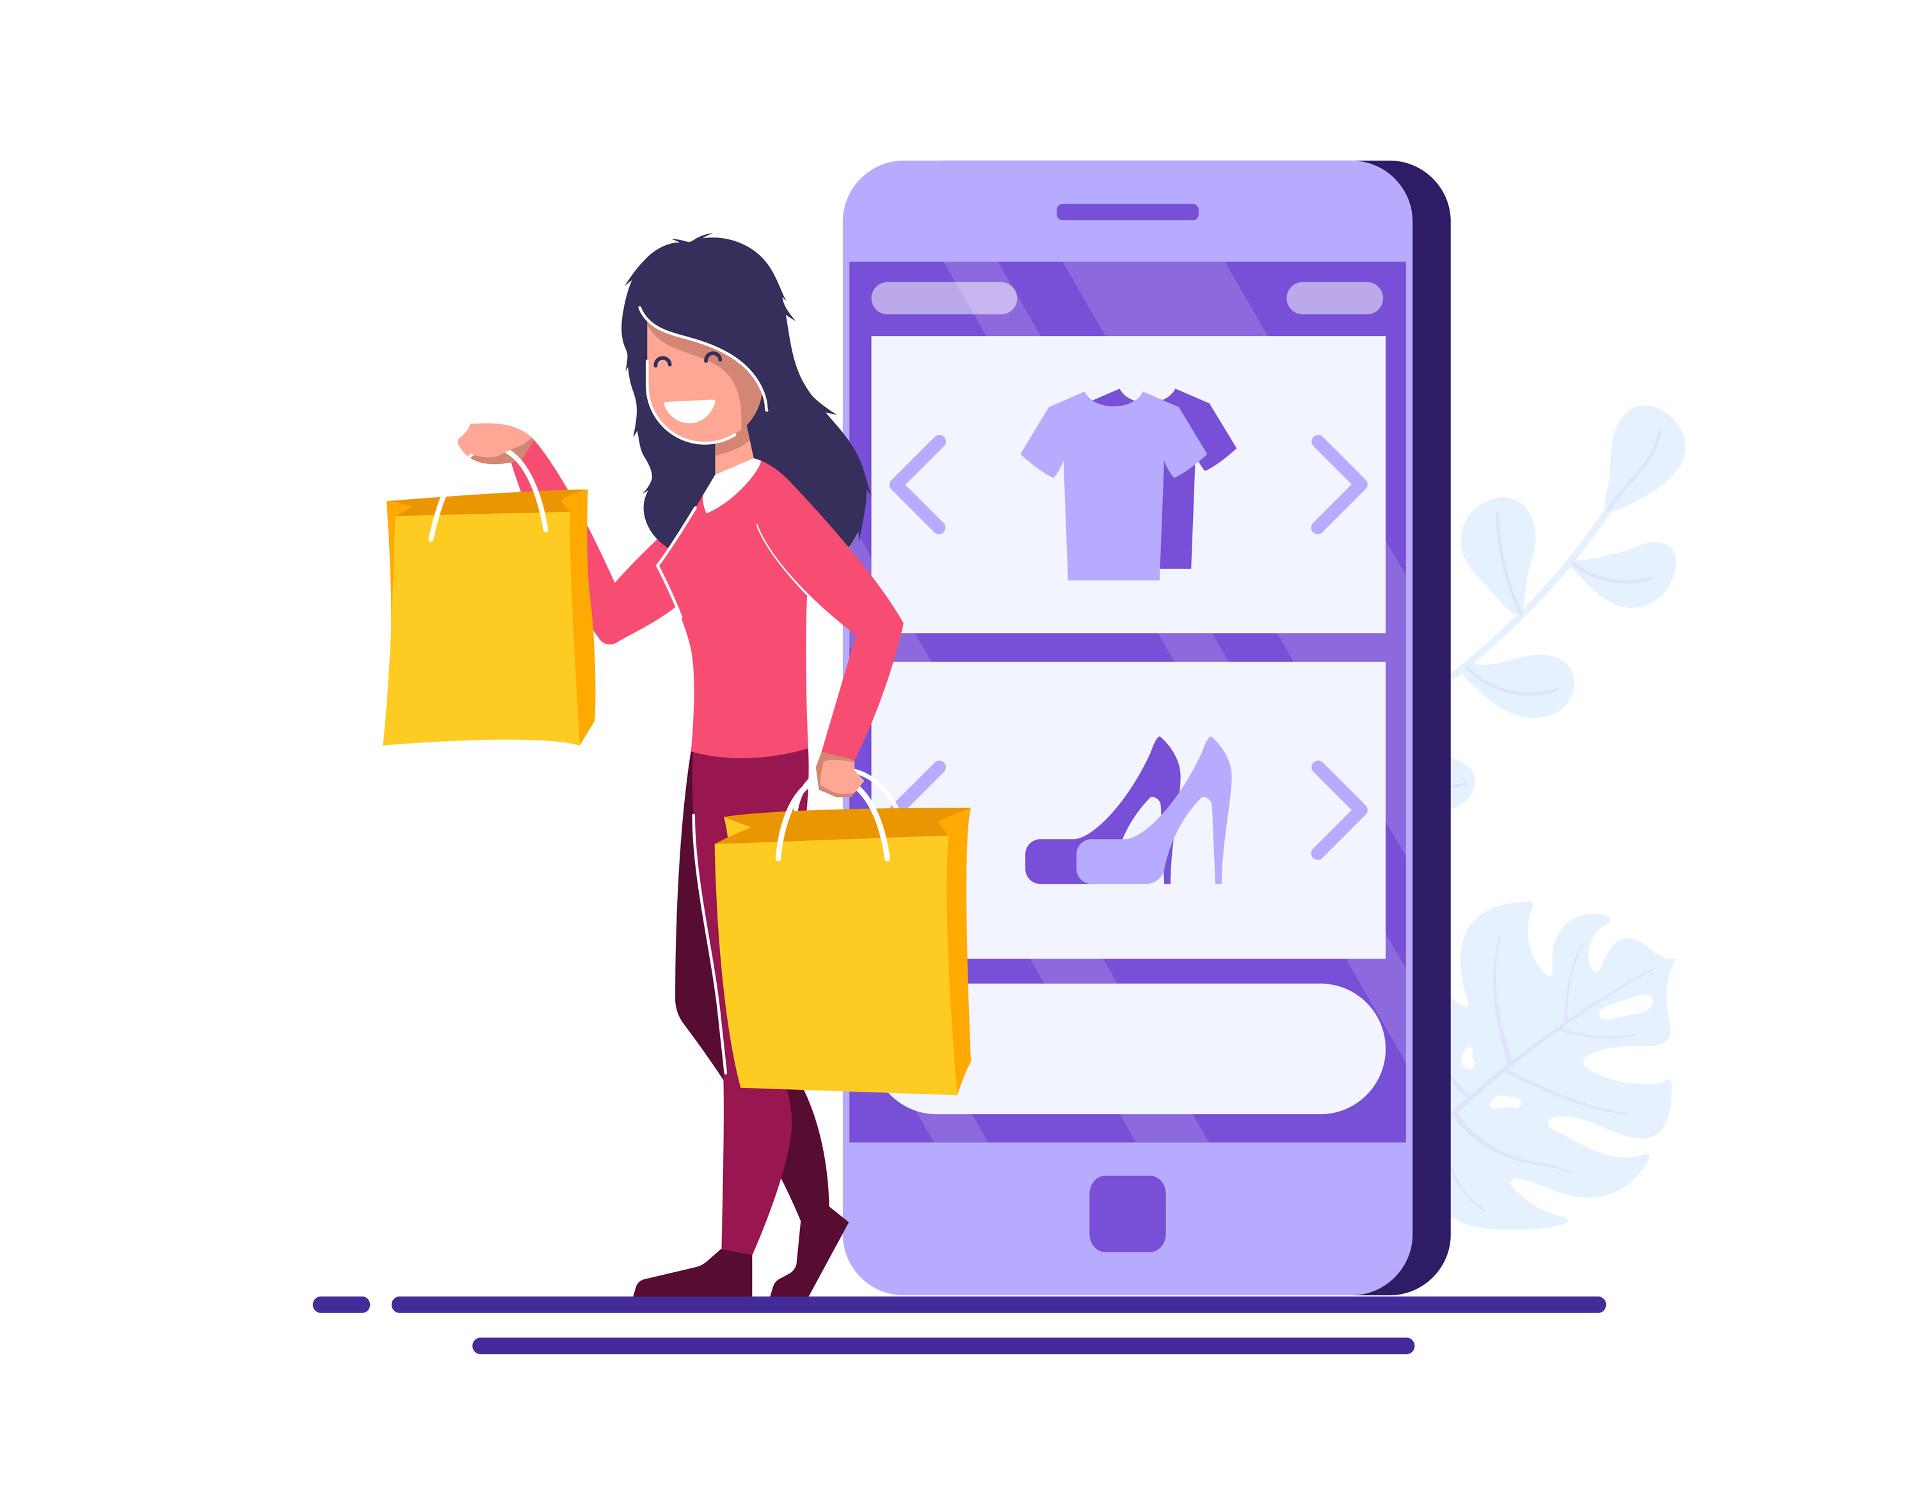 Näin perustat verkkokaupan myymälän tueksi – 5 helppoa askelta